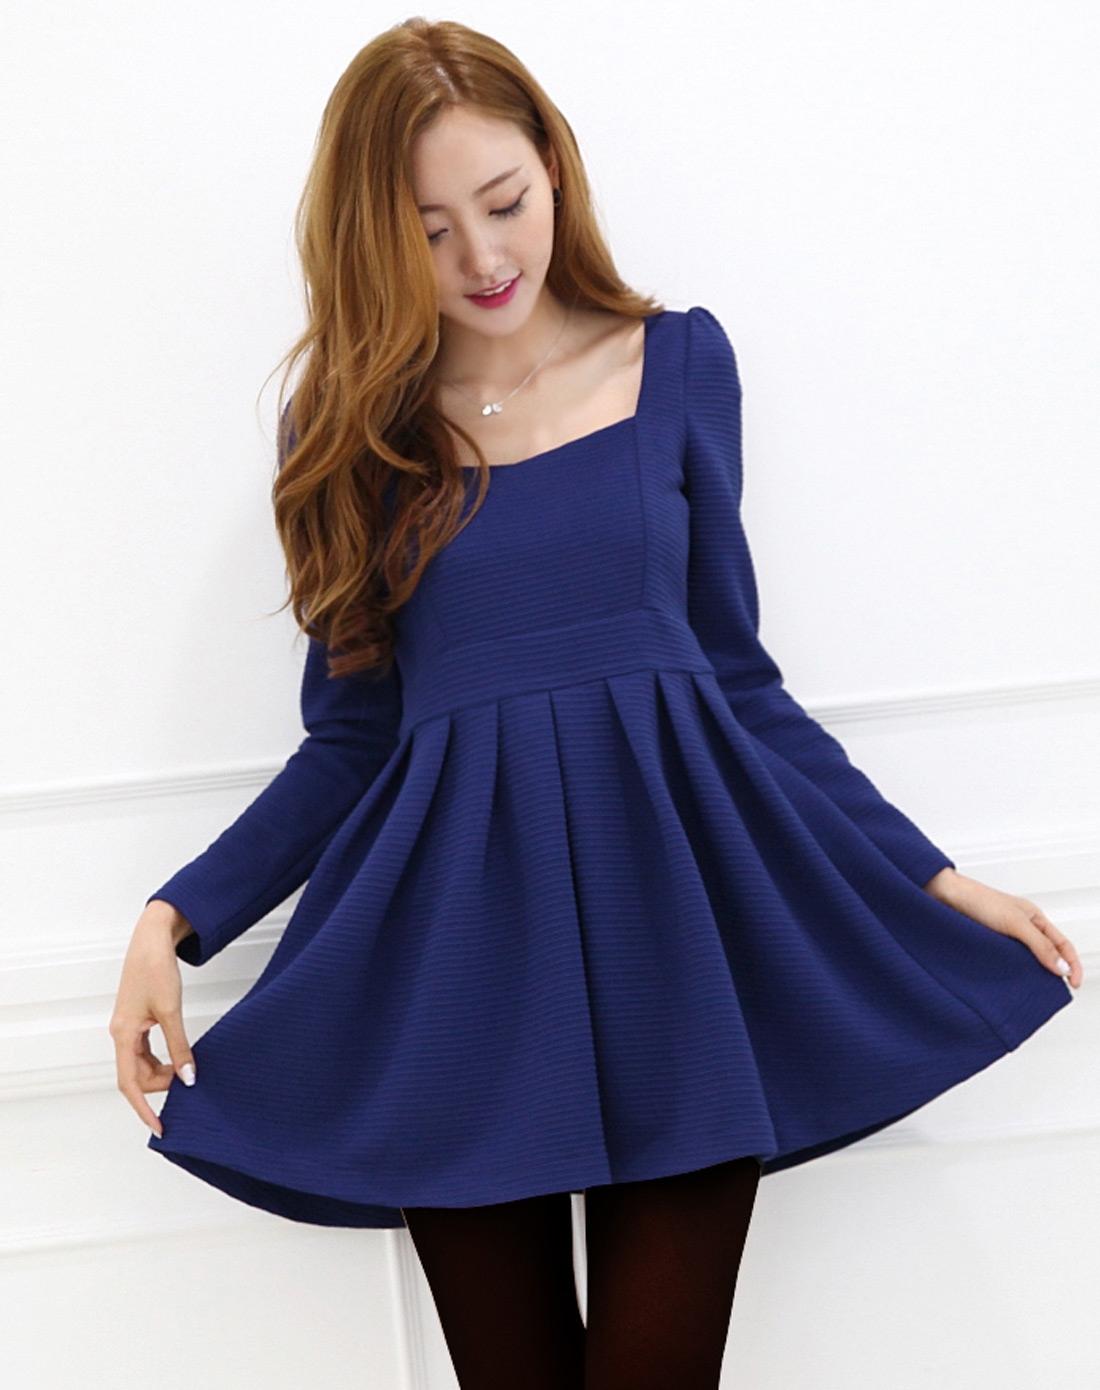 蓝色长袖连衣裙图片